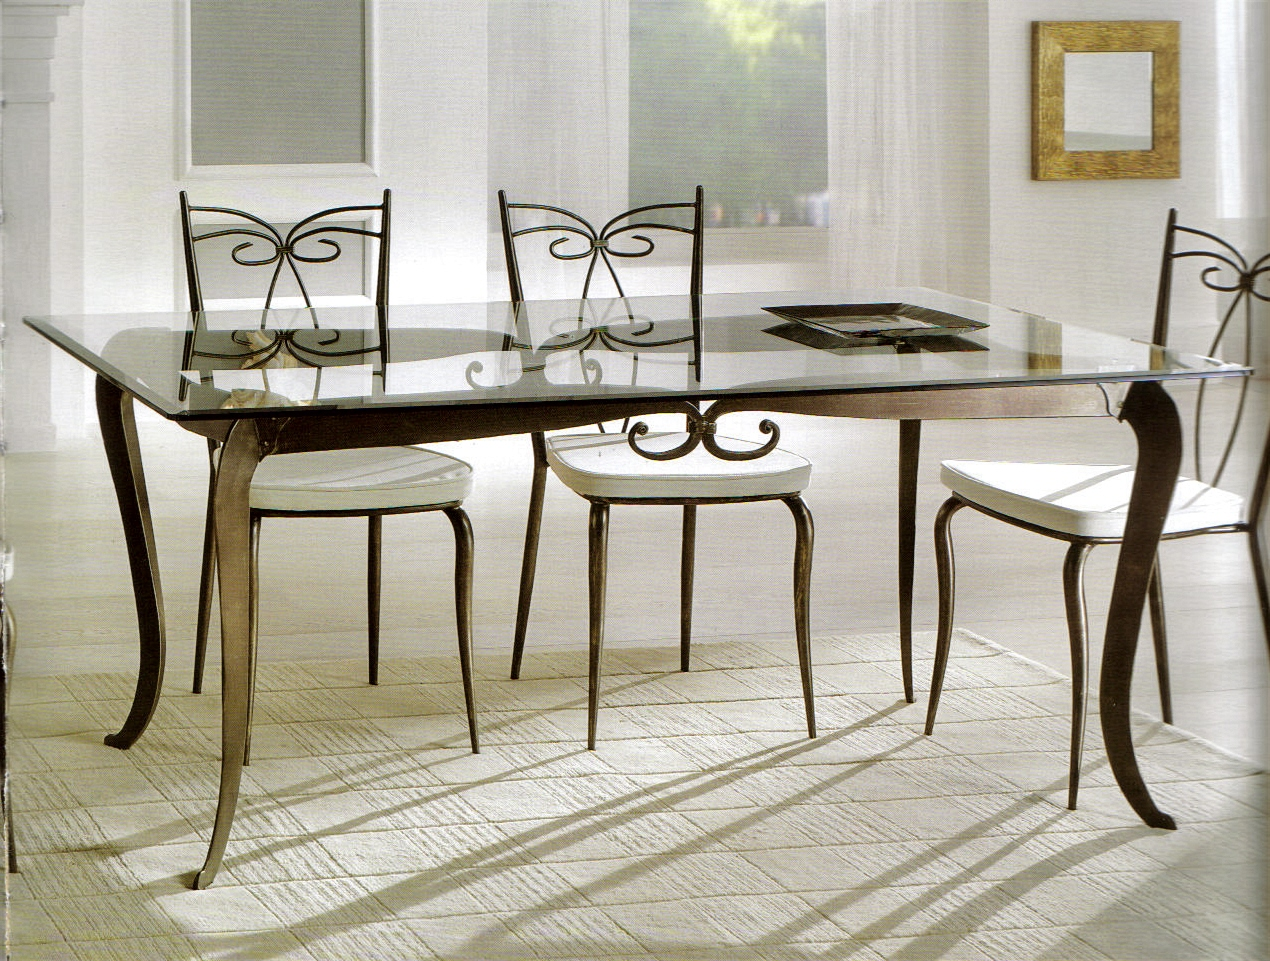 Tavoli tavolini d 39 arredo tavolo ferro battuto e vetro - Tavoli da pranzo ferro battuto e vetro ...